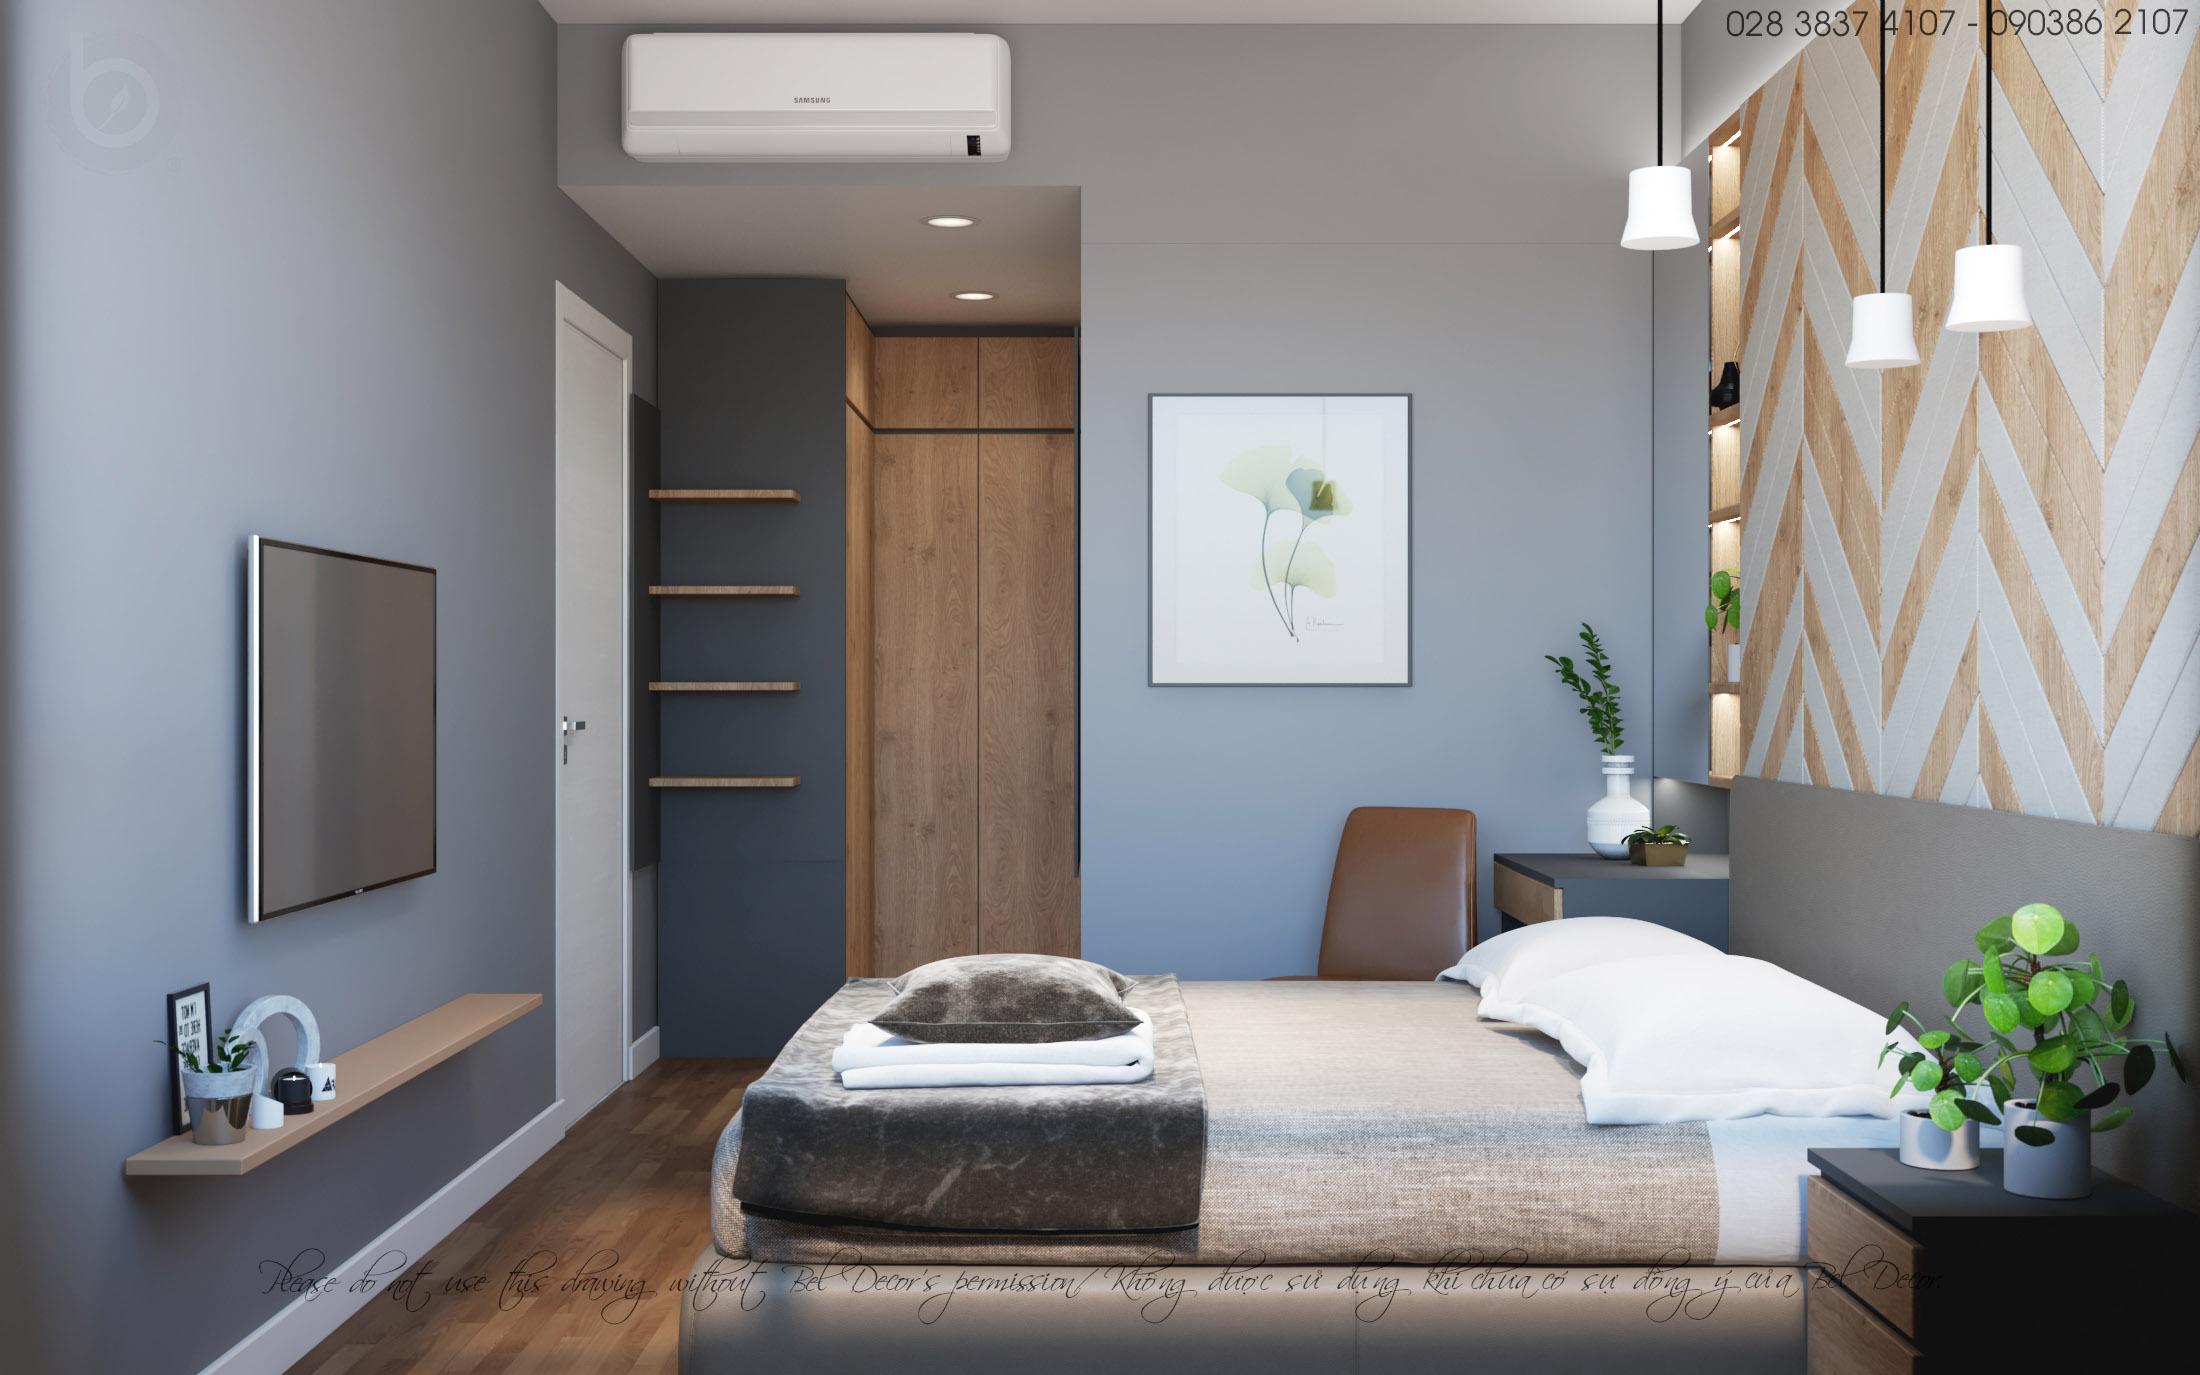 thiết kế nội thất chung cư tại Hồ Chí Minh THIẾT KẾ NỘI THẤT CĂN HỘ (HO1926) 4 1562655943